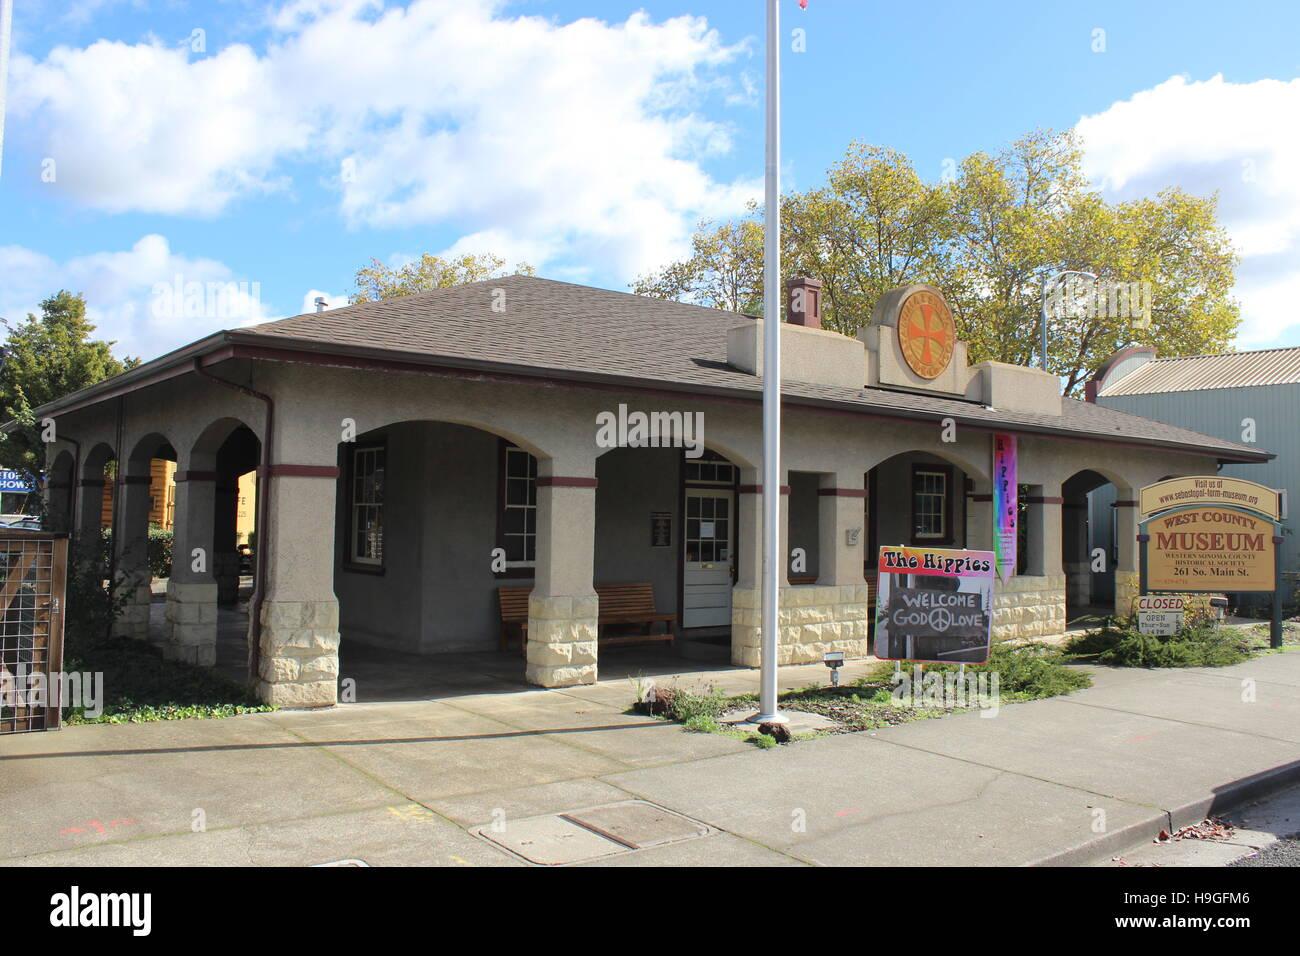 Petaluma and Santa Rosa Railroad Depot, Sebastopol, California - Stock Image